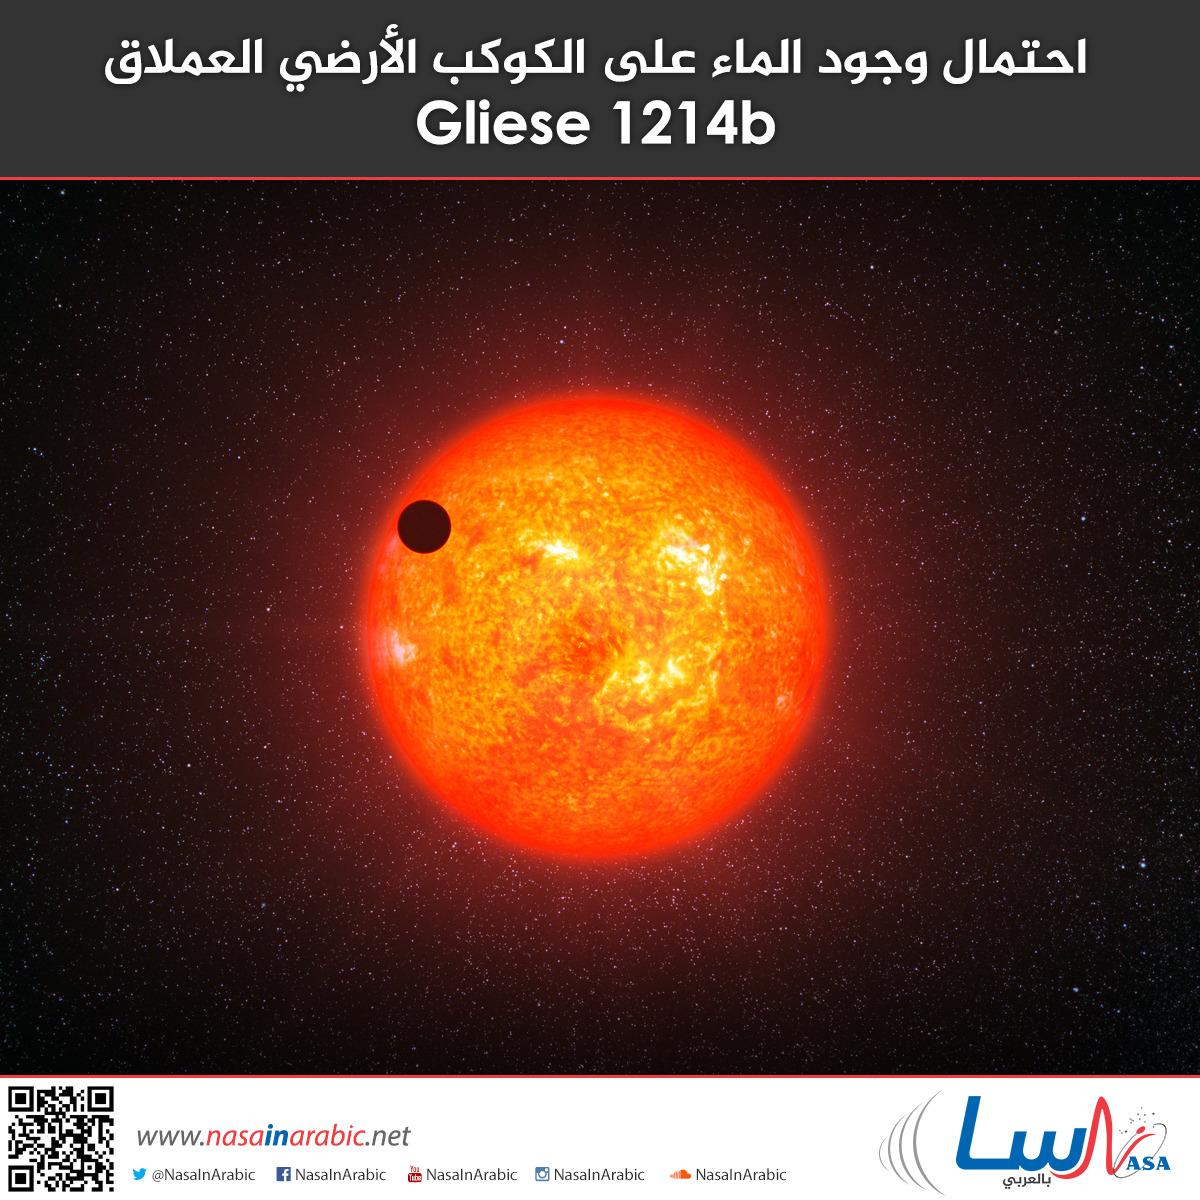 احتمال وجود الماء على الكوكب الأرضي العملاق Gliese 1214b